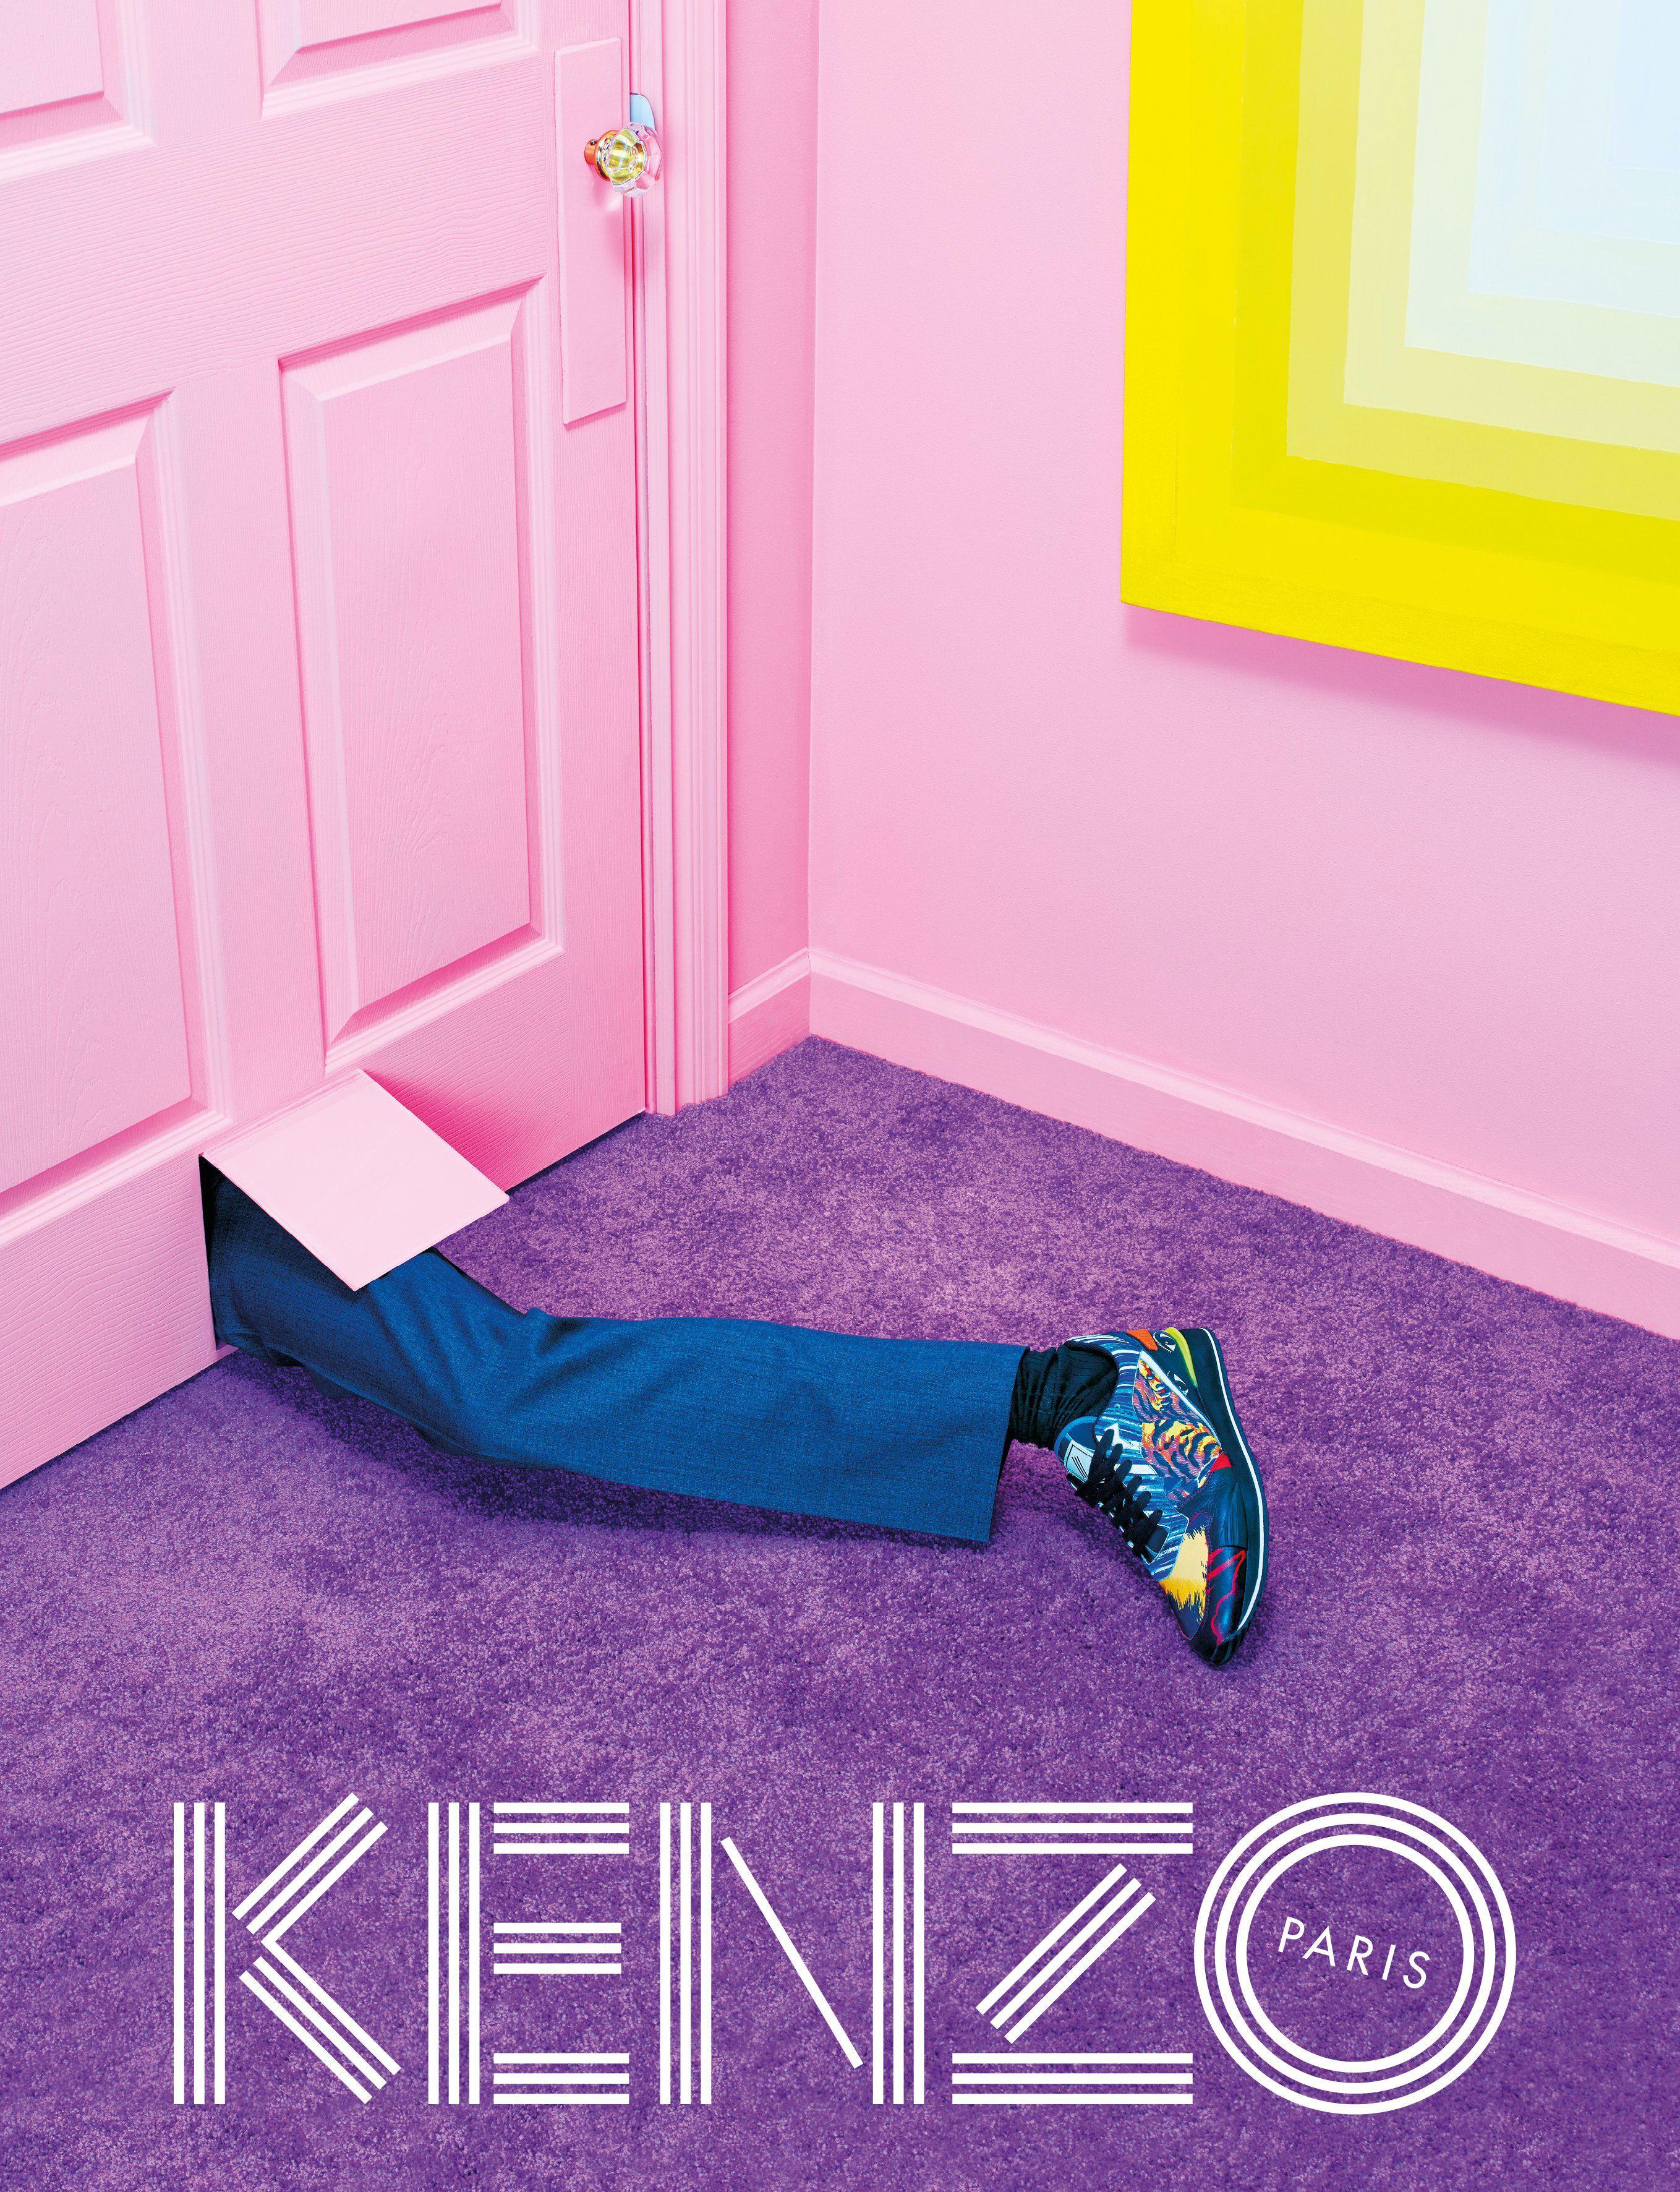 Kenzo Fall 2014 by Pierpaolo Ferrari